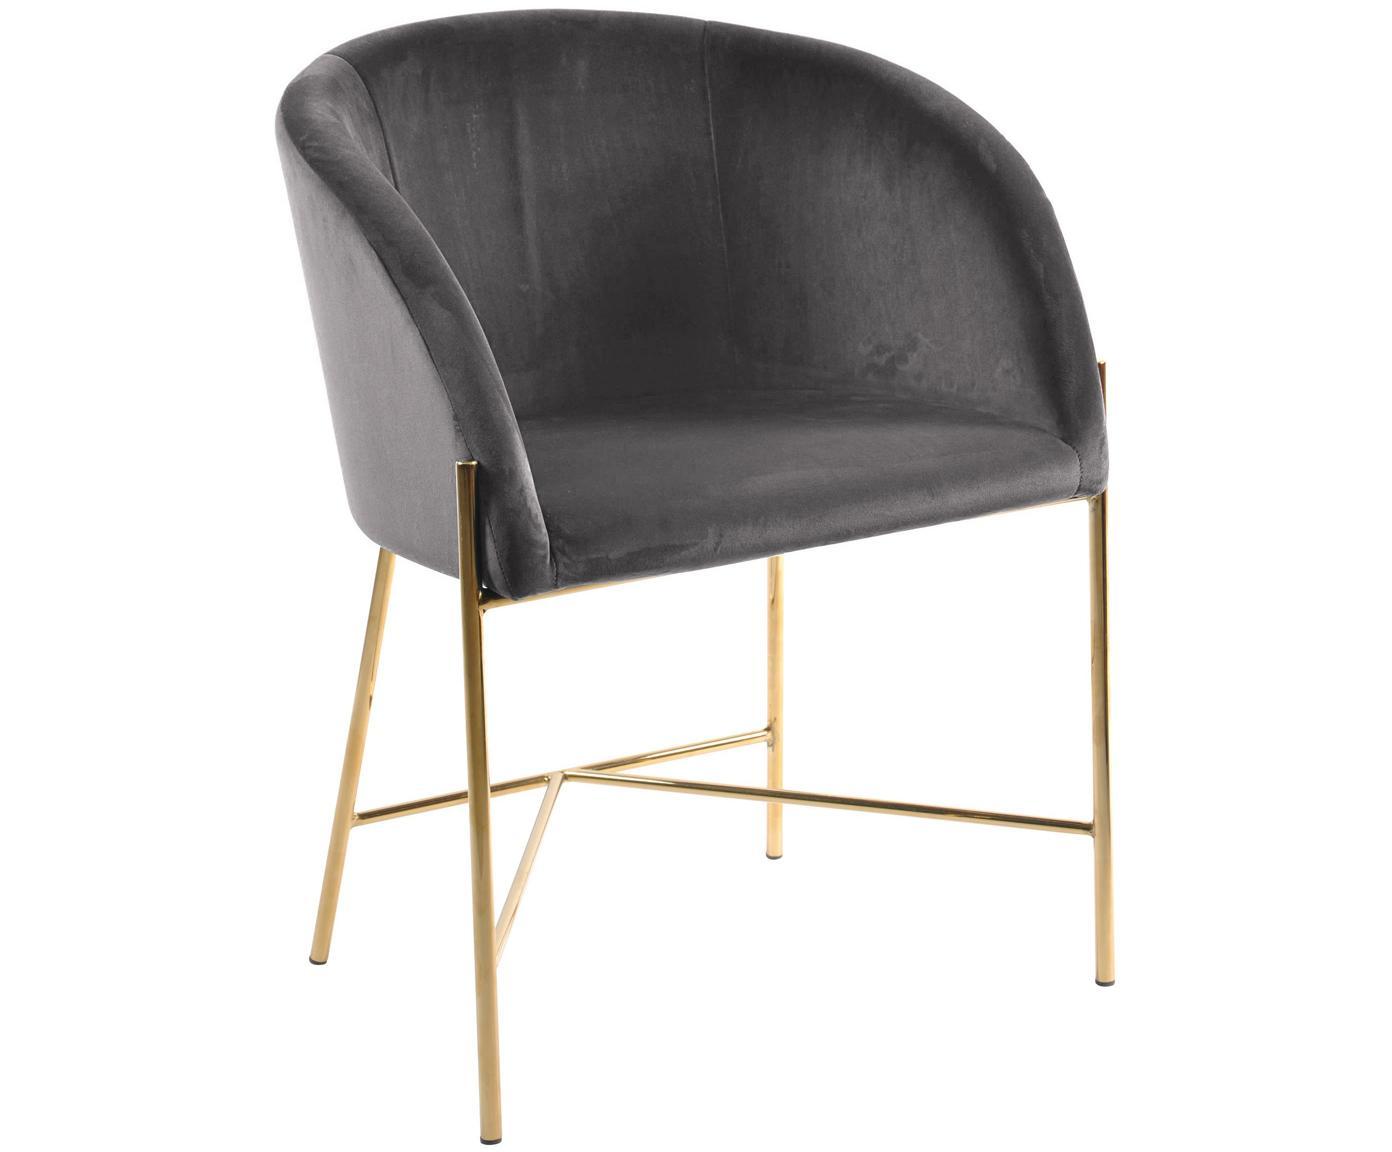 Sedia con braccioli in velluto Nelson, Rivestimento: velluto di poliestere 25., Gambe: metallo ottonato, Grigio scuro, ottone, Larg. 56 x Prof. 55 cm